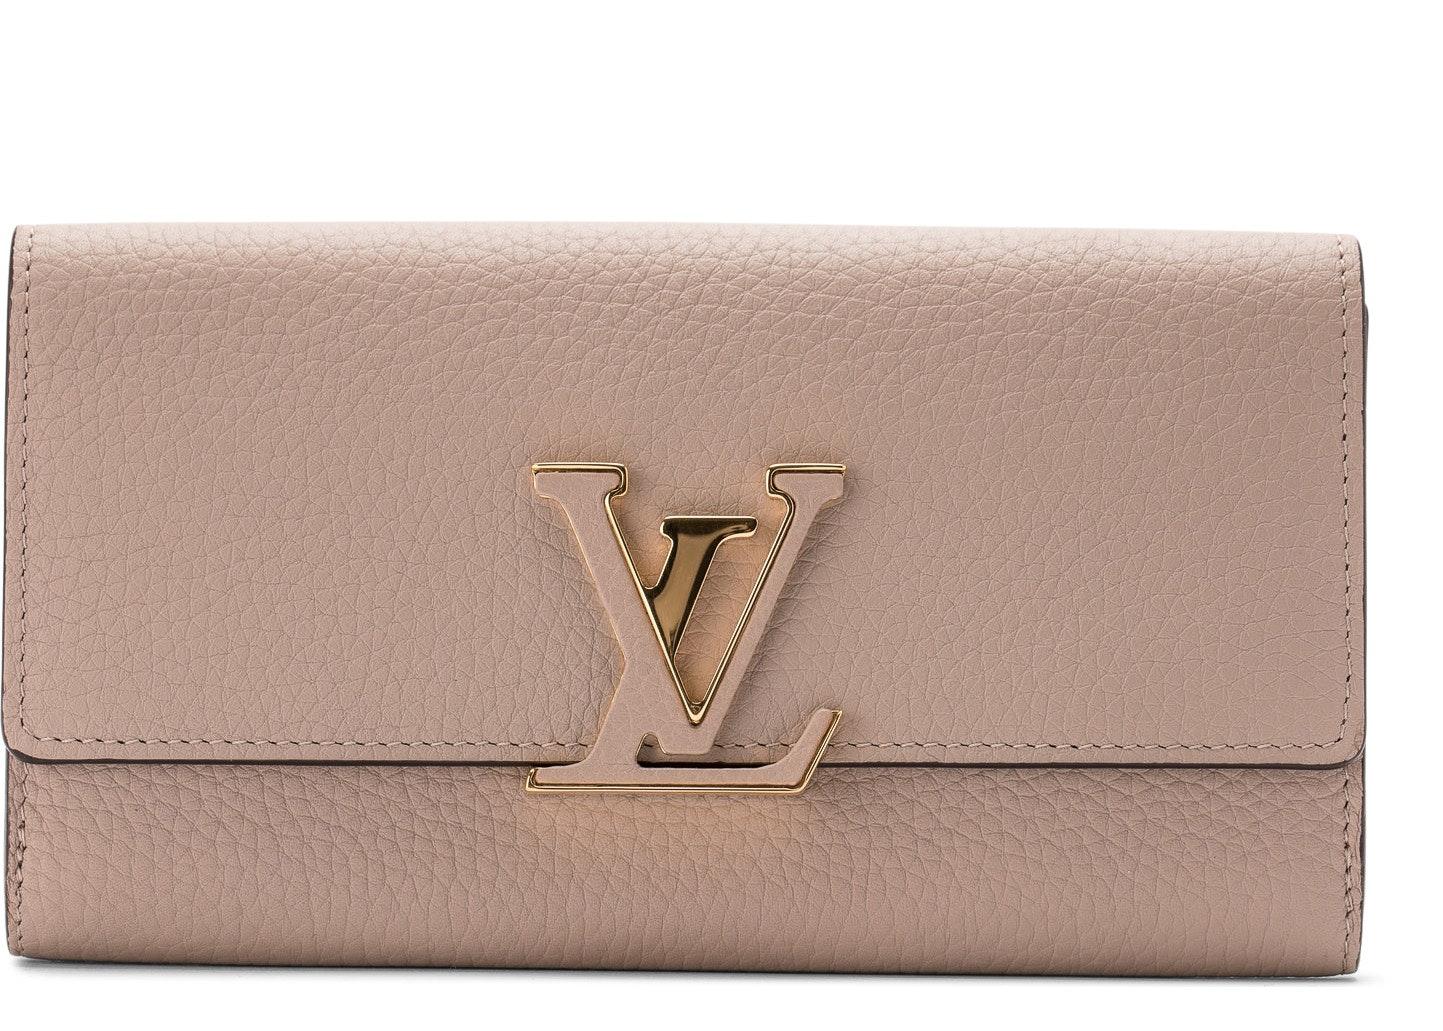 Louis Vuitton Wallet Capucines Taurillon